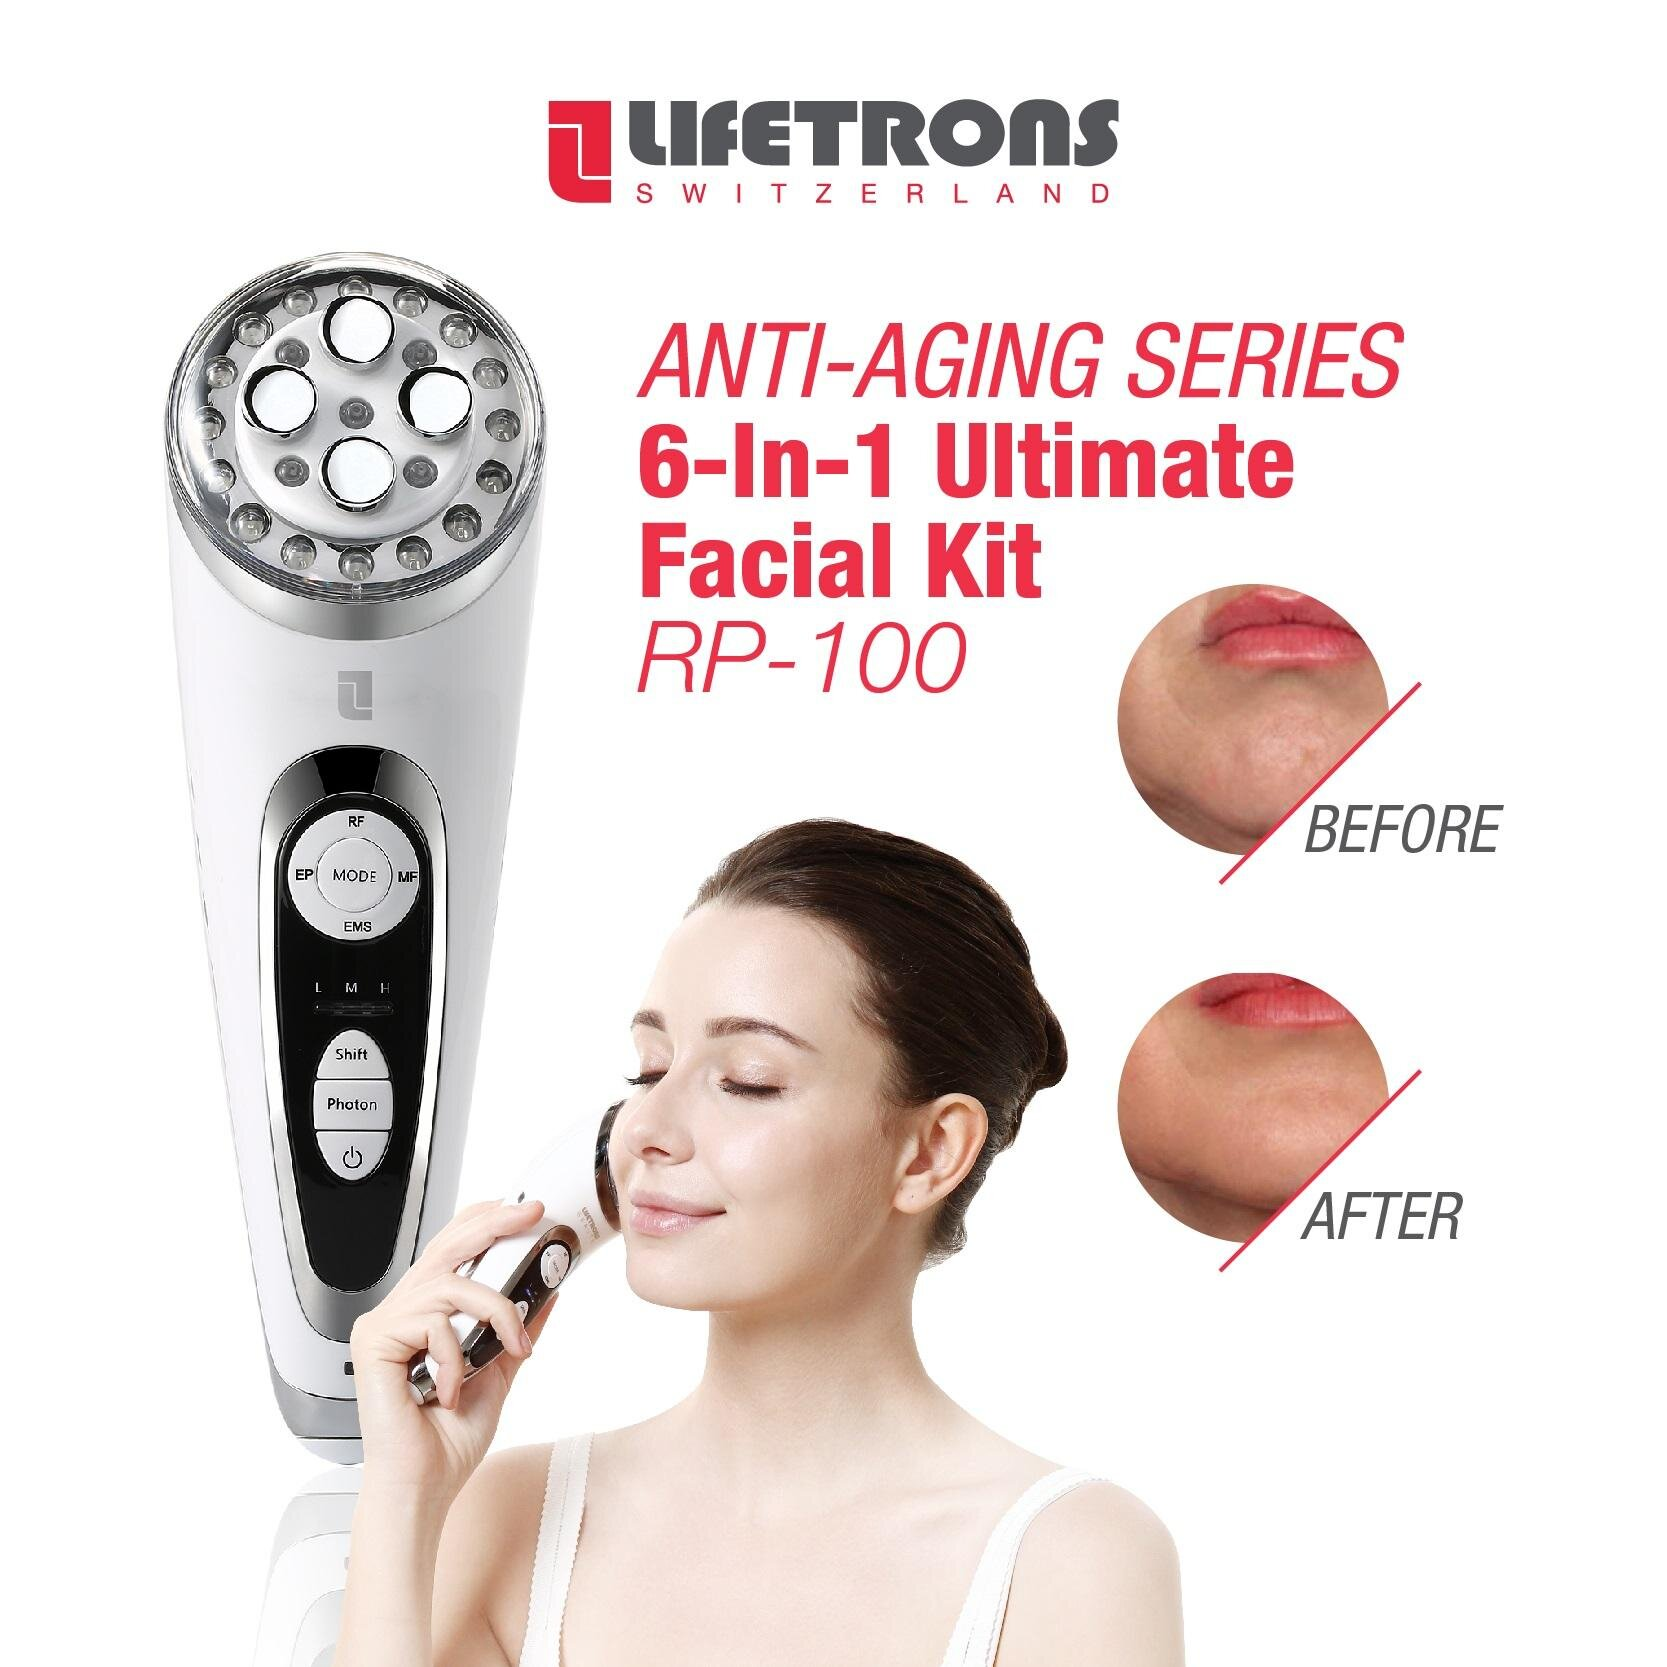 Lifetrons Cleanse & Massage - Facial & Dental Care CM-100